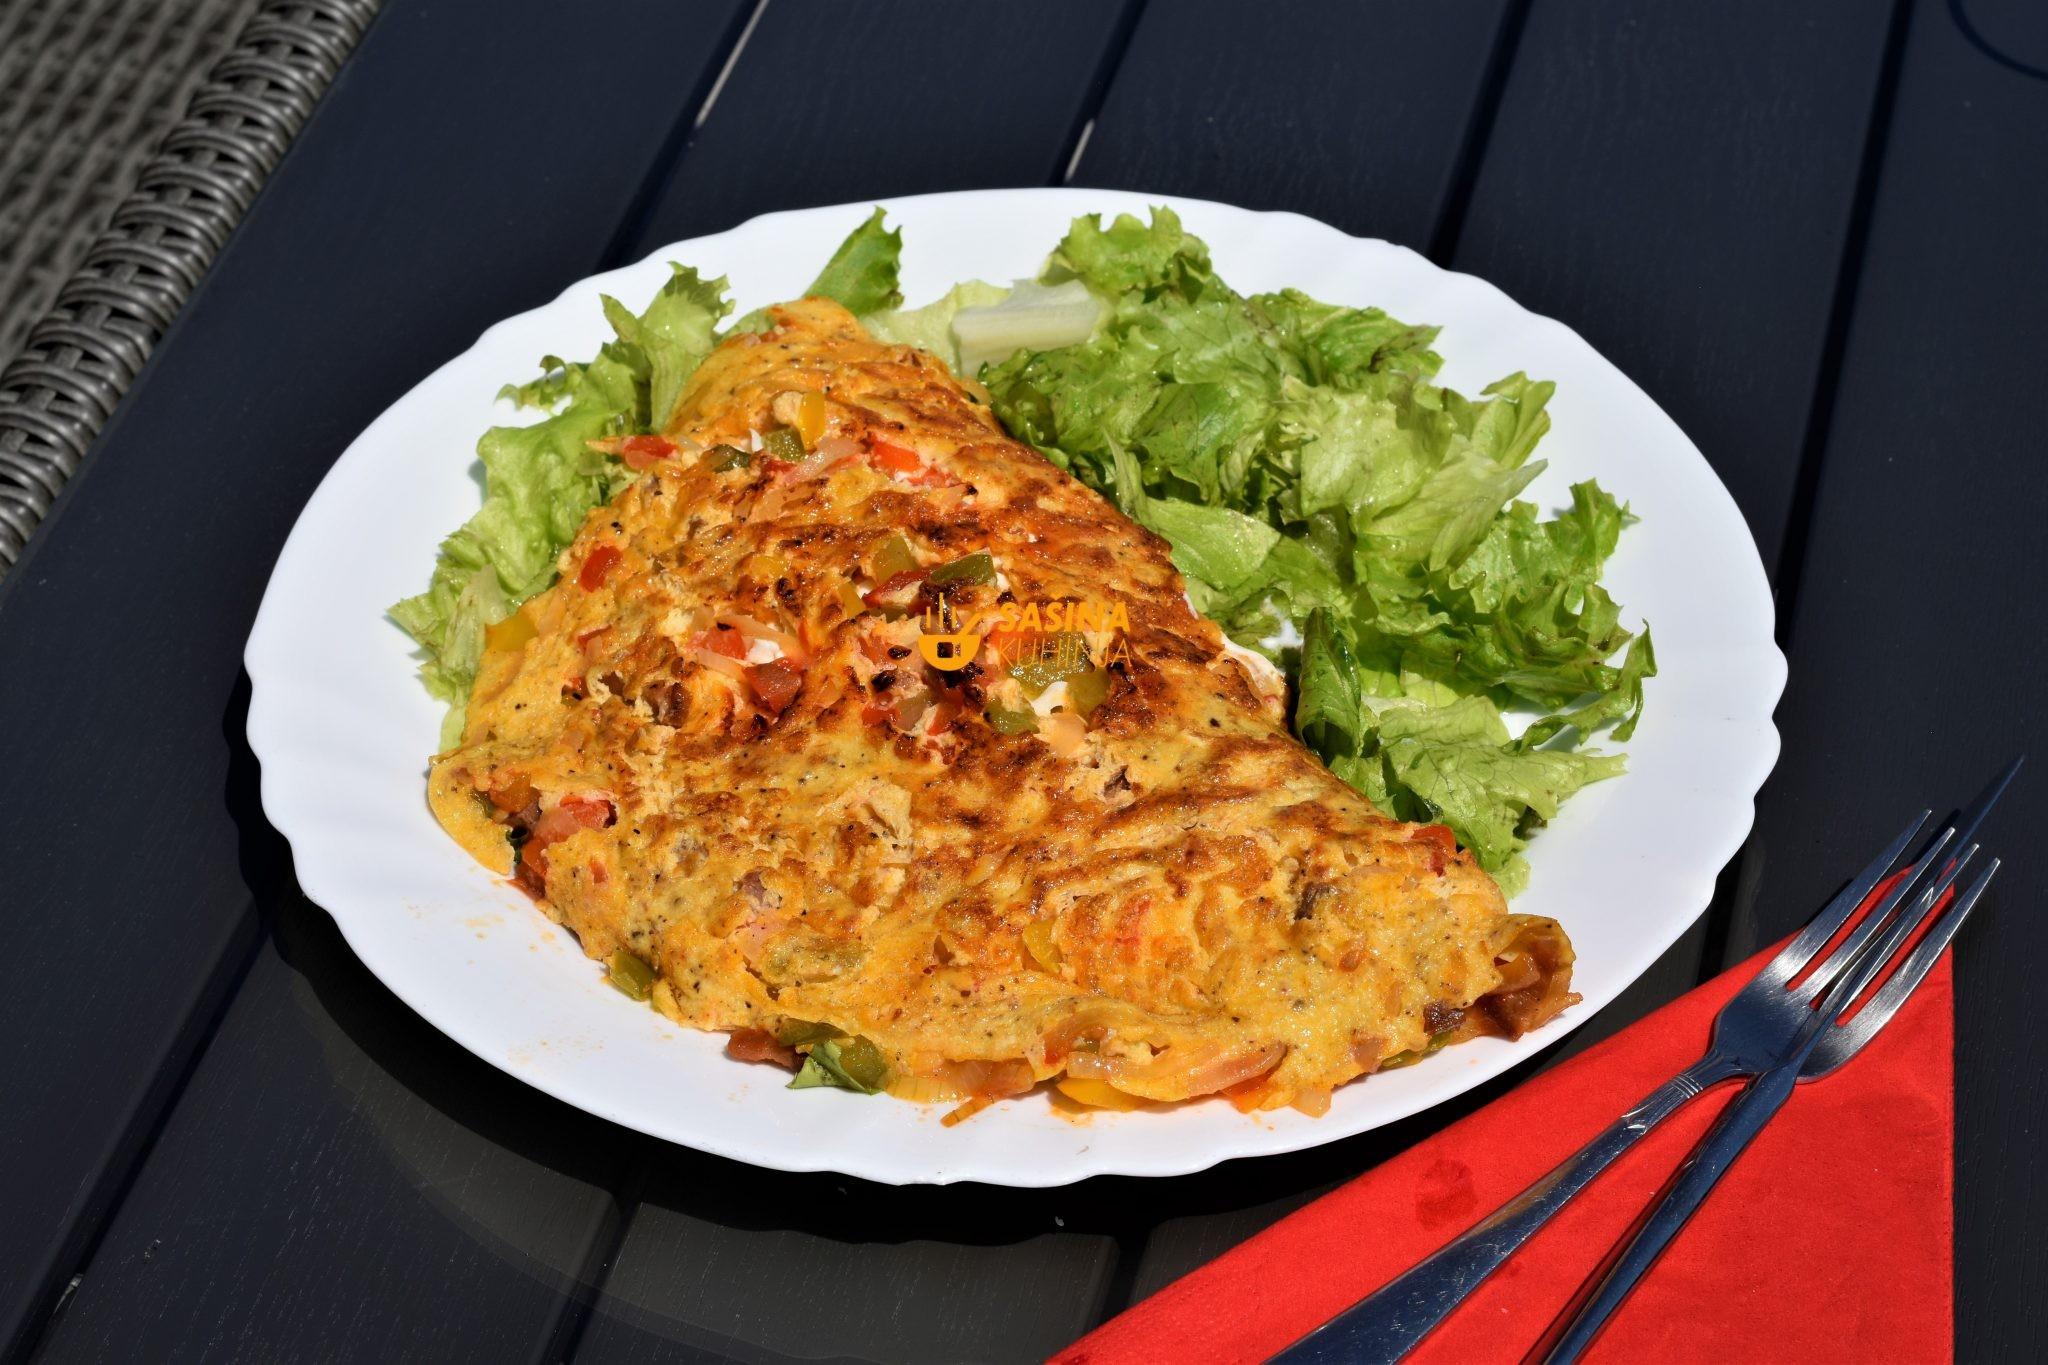 balkanski omlet sasina kuhinja